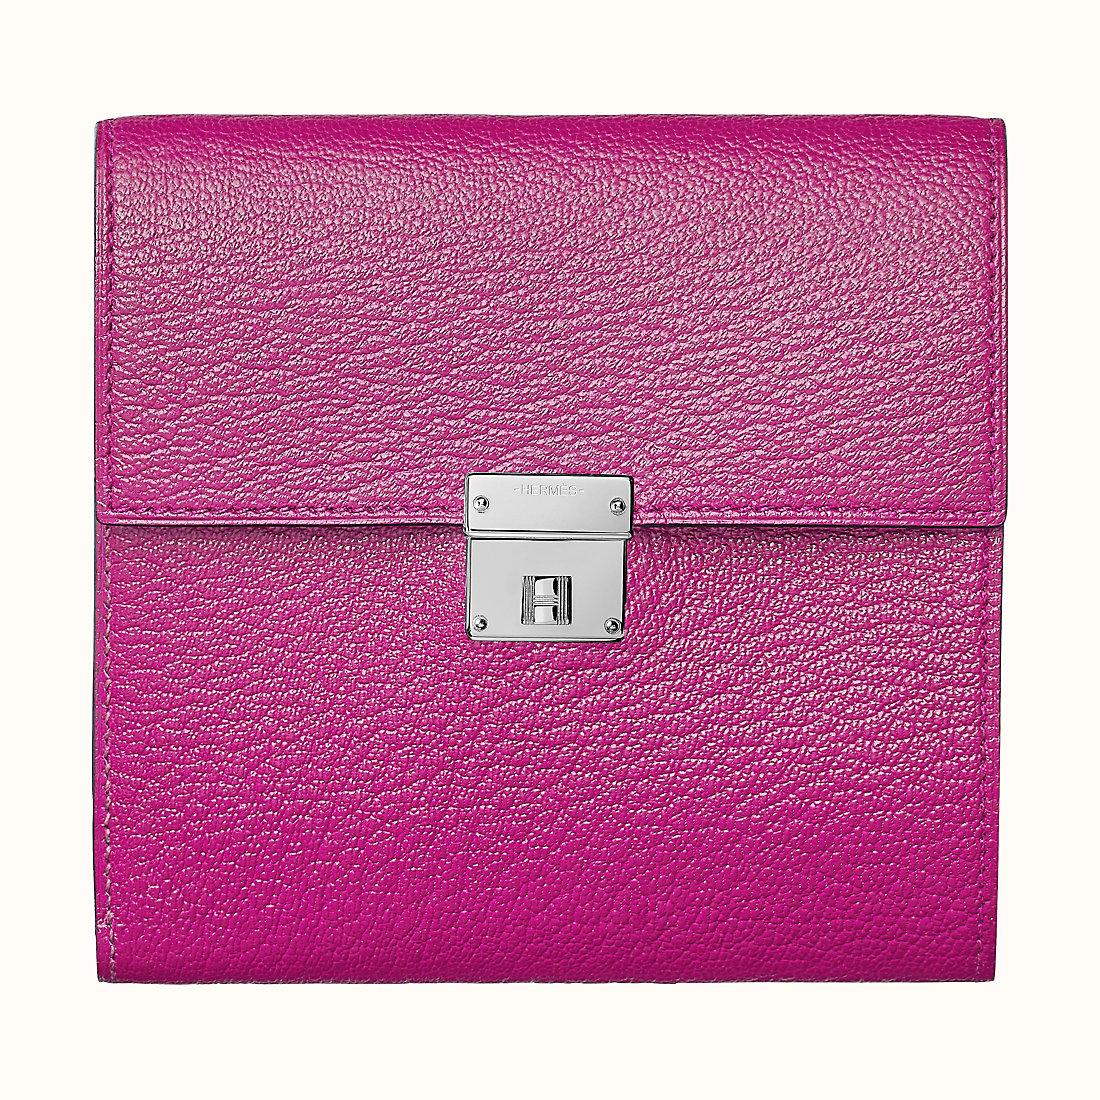 clic-12-wallet